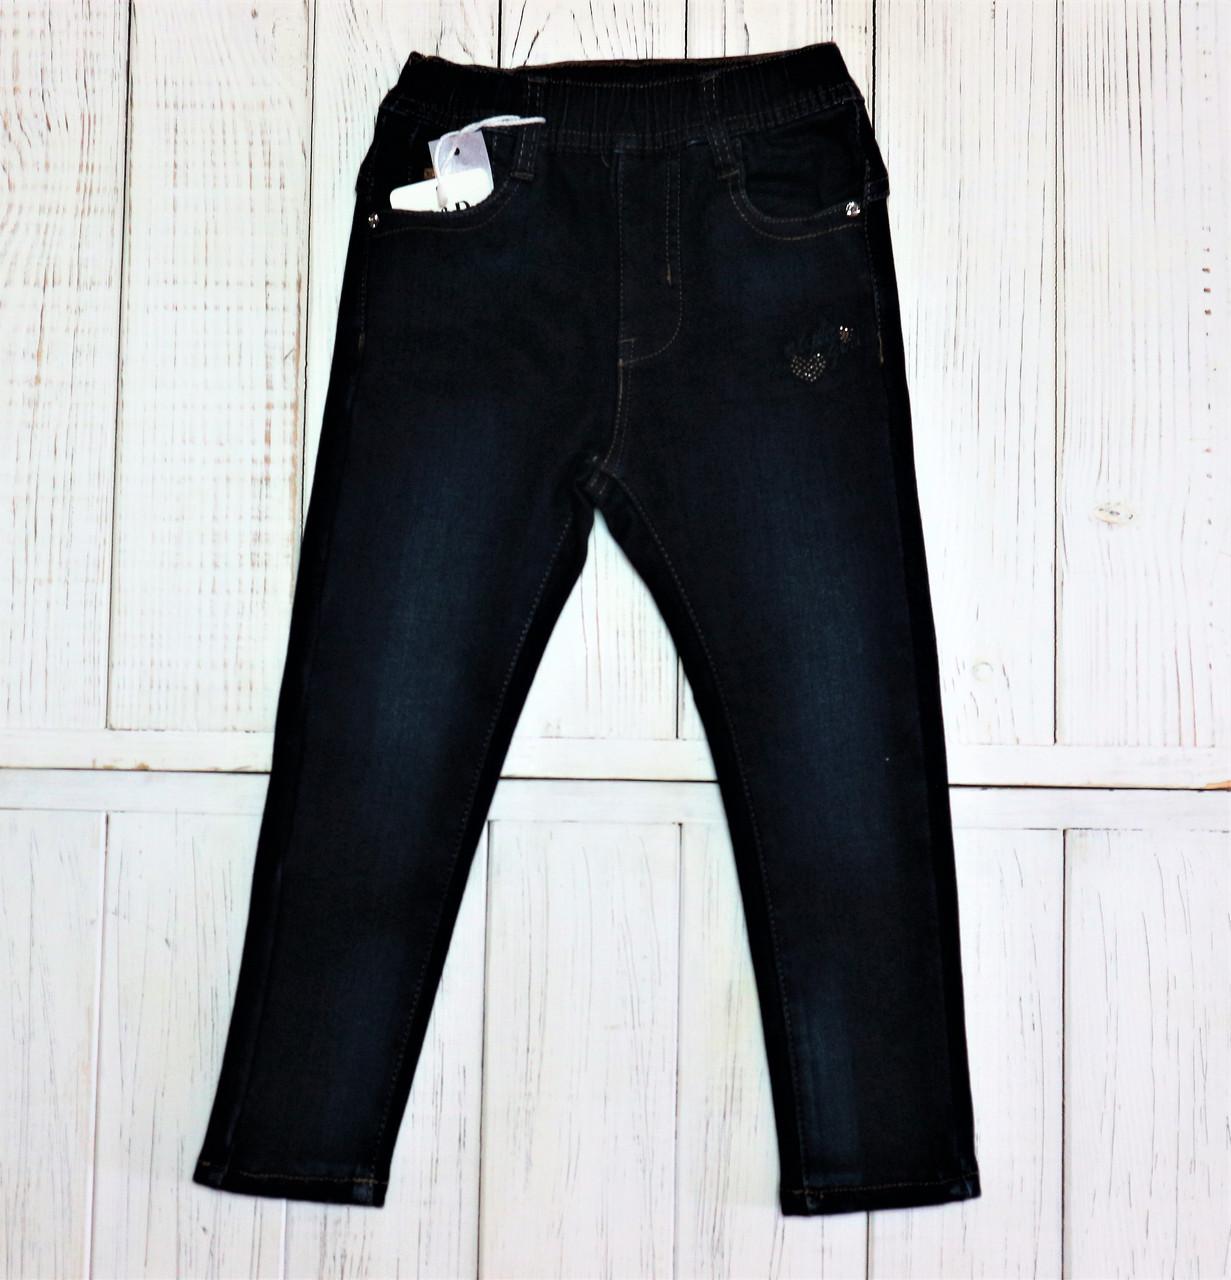 Теплые джинсы для девочки F&D Венгрия